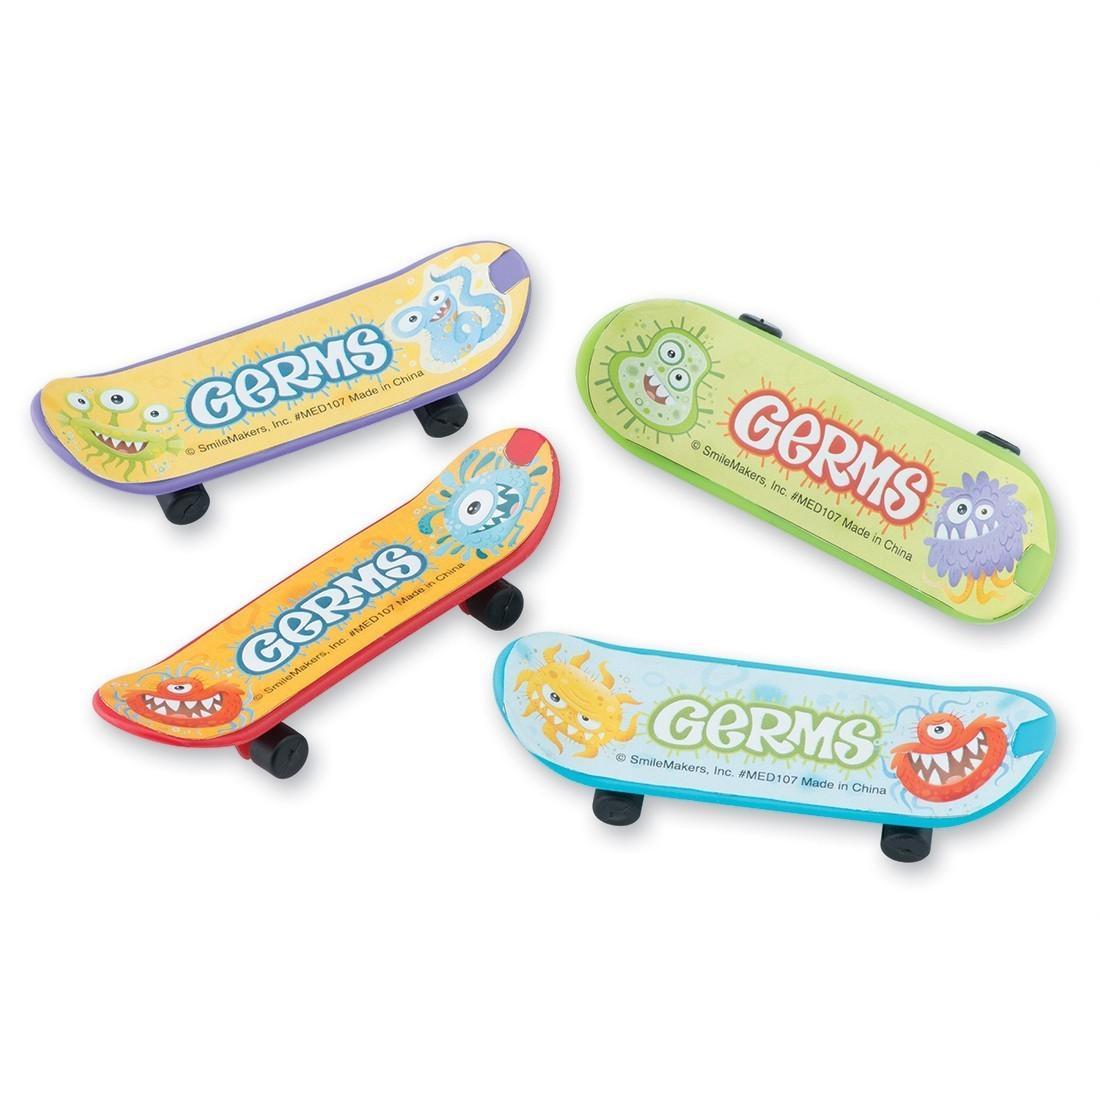 Germ Squad Skateboards [image]